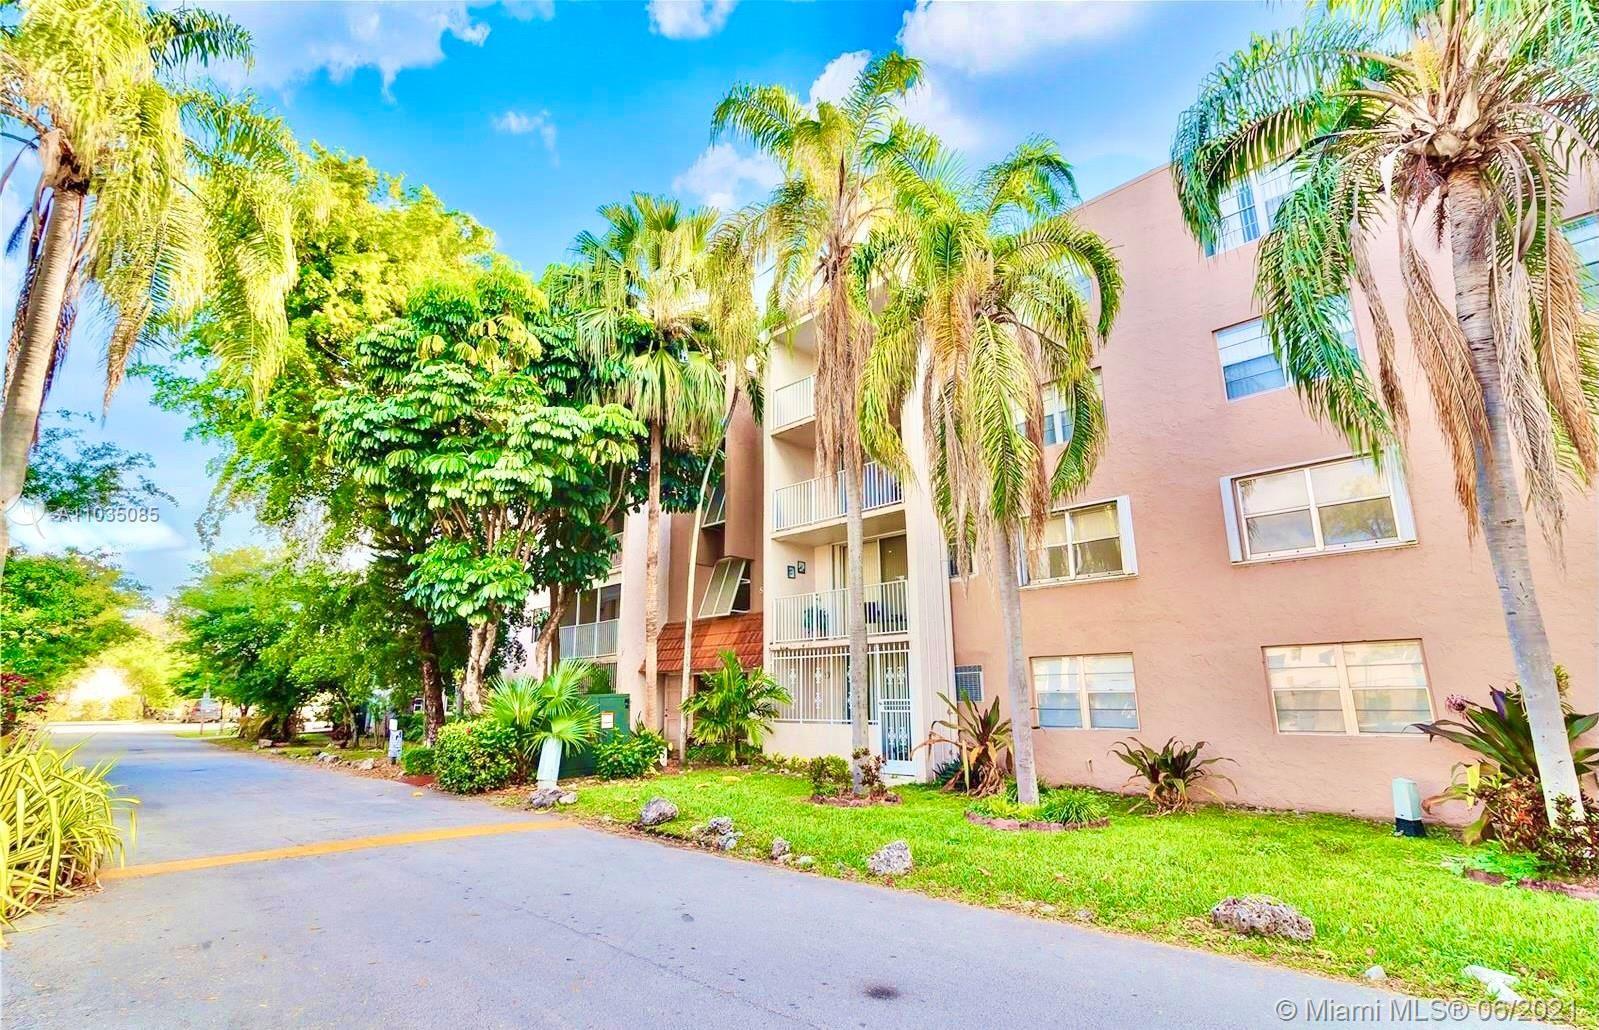 8511 NW 8th St #210, Miami, FL 33126 - #: A11035085